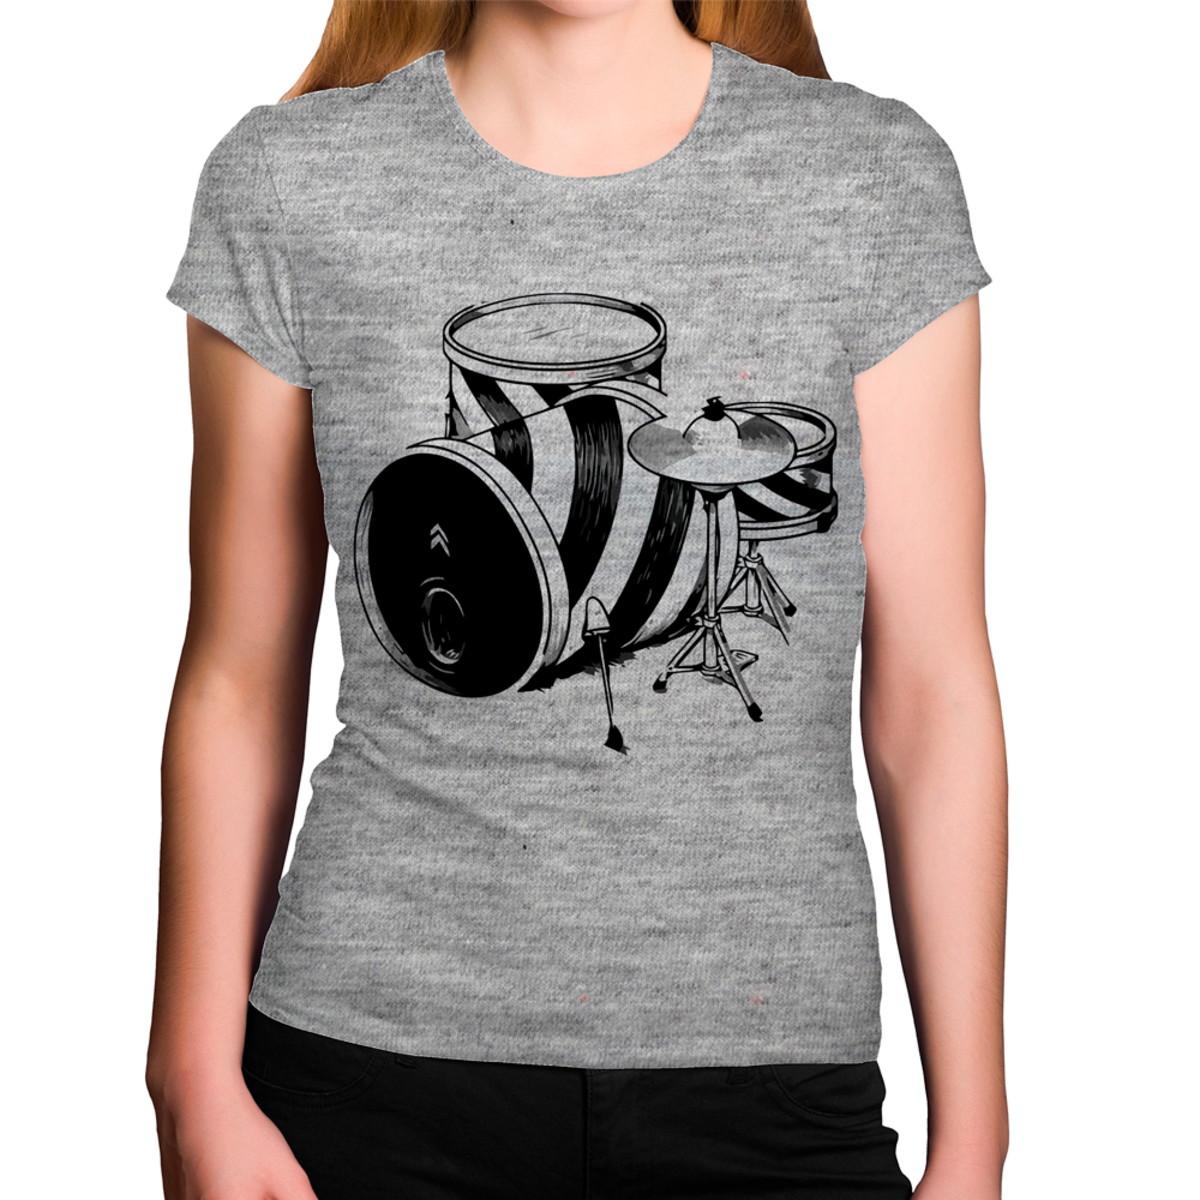 b429e377cd Camiseta Feminina Cinza Mescla Bateria Preta e Branca no Elo7 ...